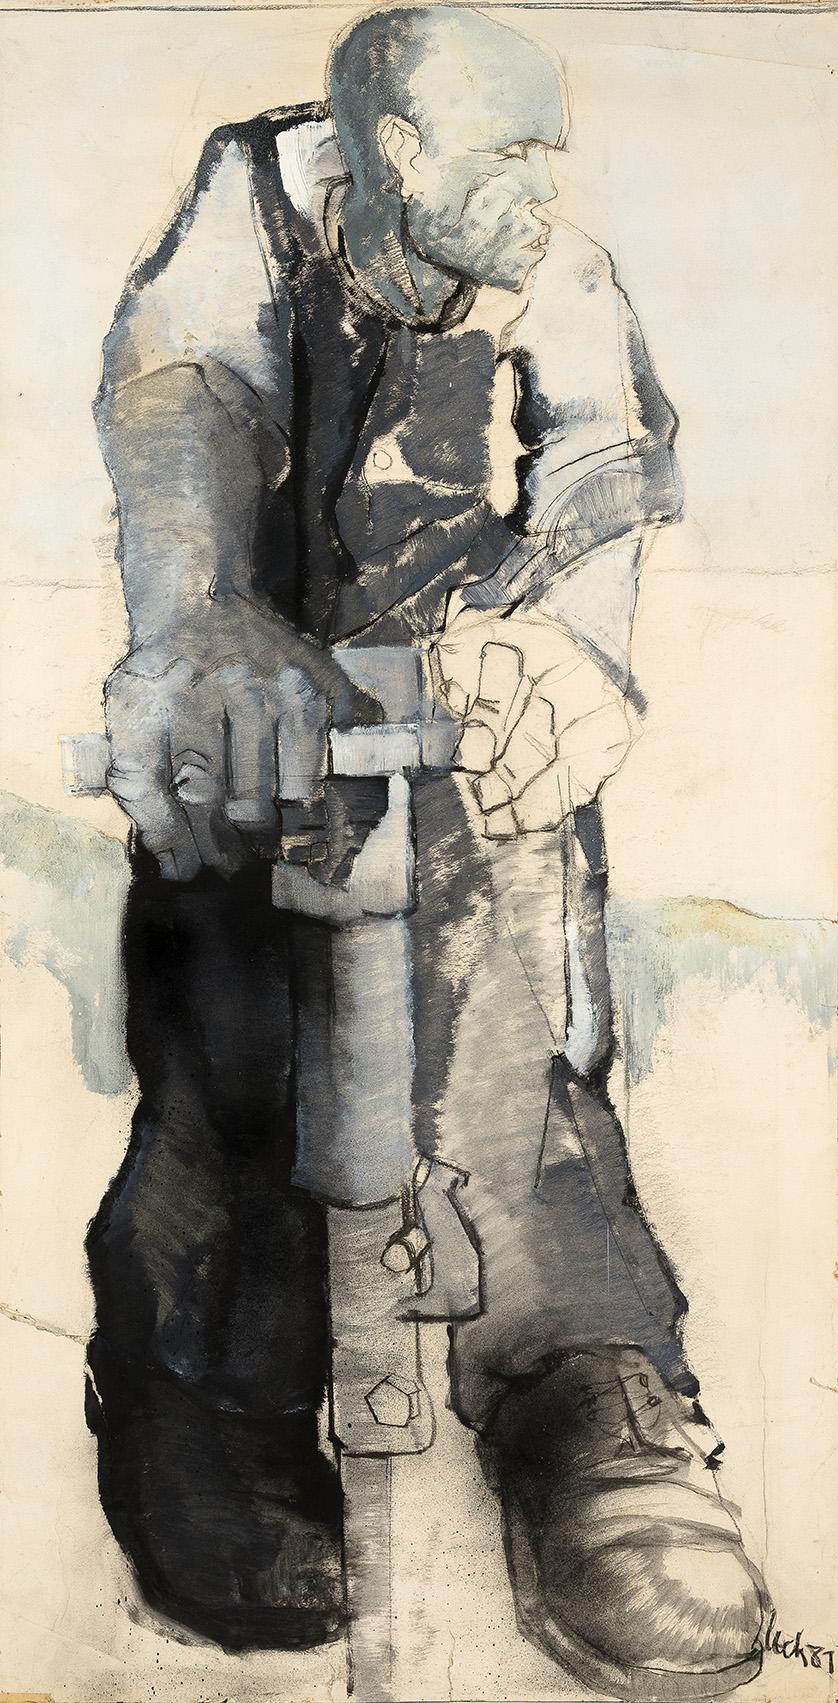 """<p><span style=""""font-size: 10pt;"""">Pierre Čech, peinture à l'eau, acrylique et fusain sur papier marouflé, 1981, 140 x 70 cm ©Caroline Dethier</span></p>"""